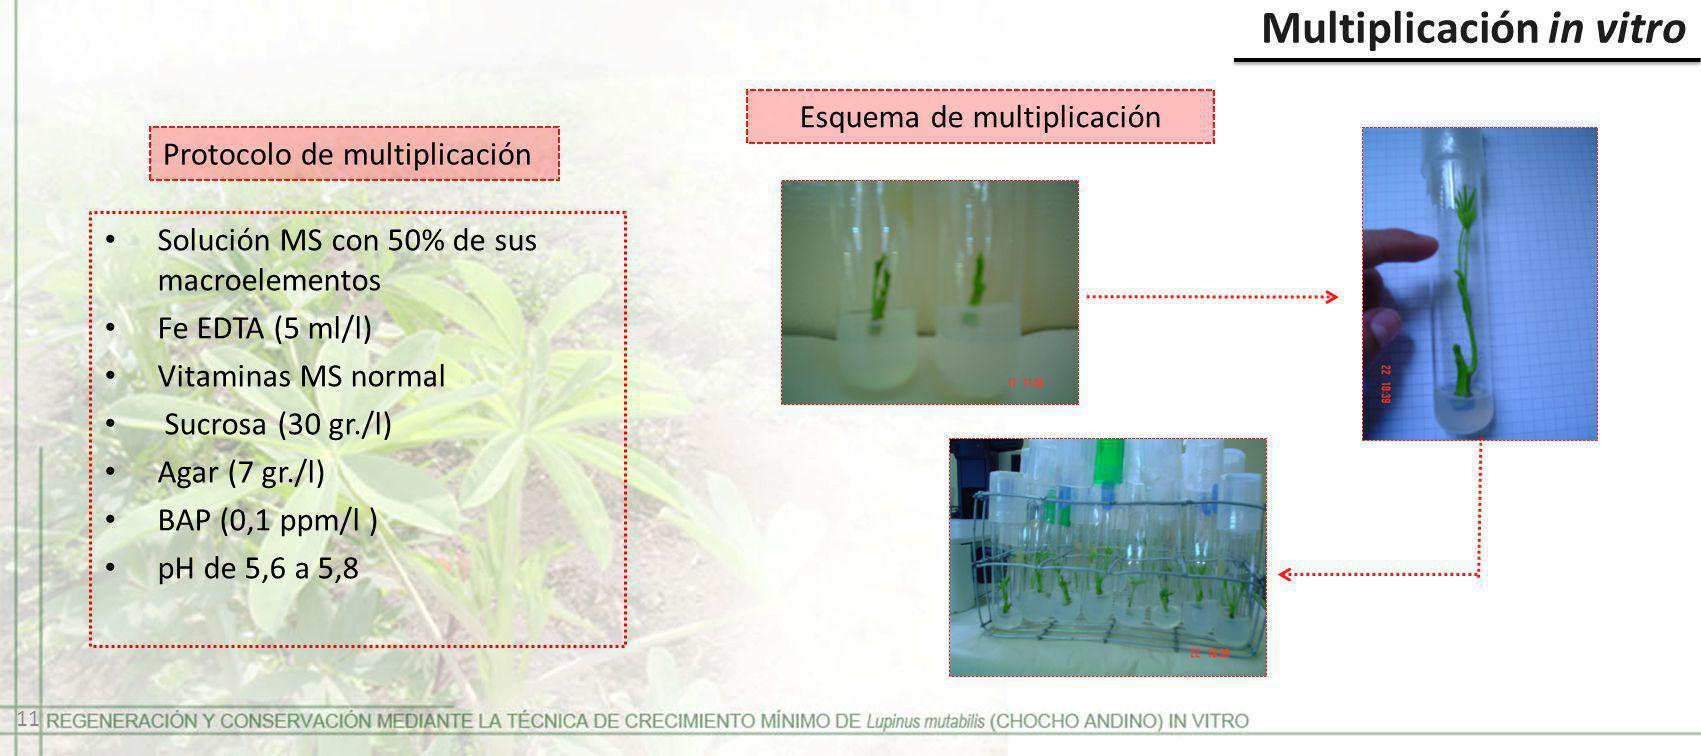 Protocolo de multiplicación Multiplicación in vitro Solución MS con 50% de sus macroelementos Fe EDTA (5 ml/l) Vitaminas MS normal Sucrosa (30 gr./l)